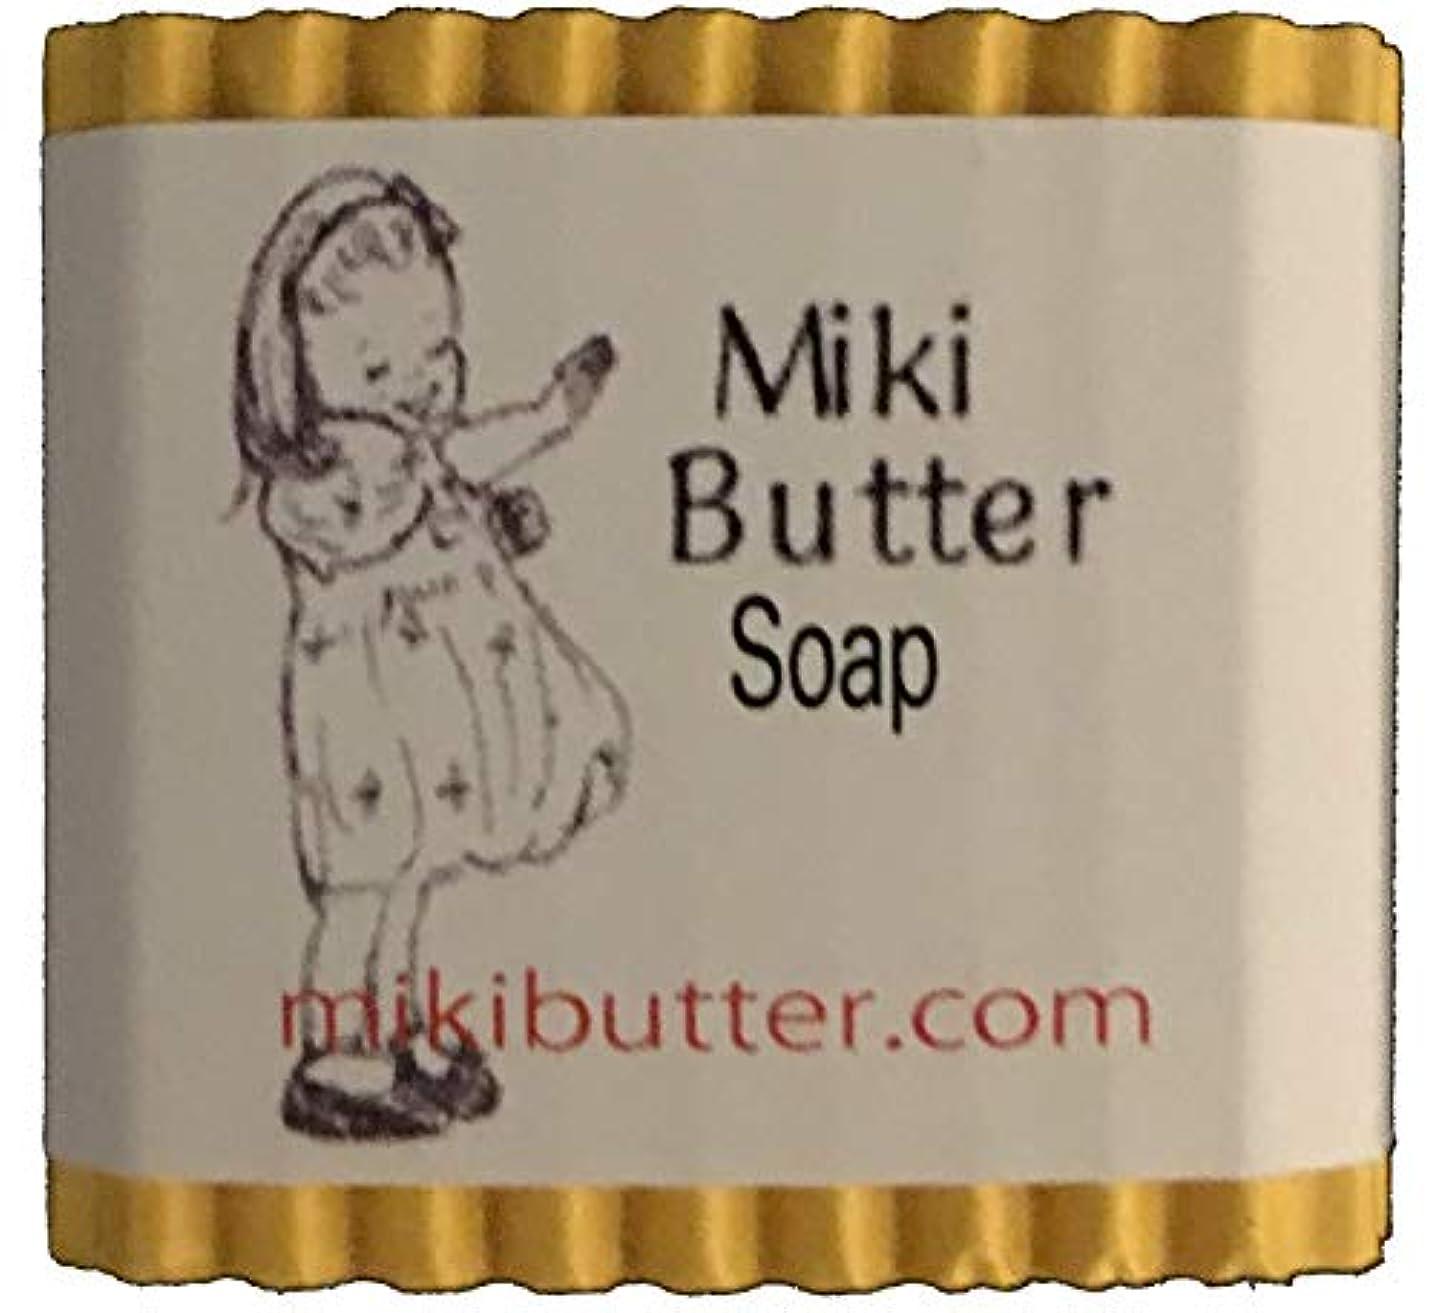 ロンドン誤解させる後方100%天然 ギニア産シアバター配合 ミキバターソープN (20g)